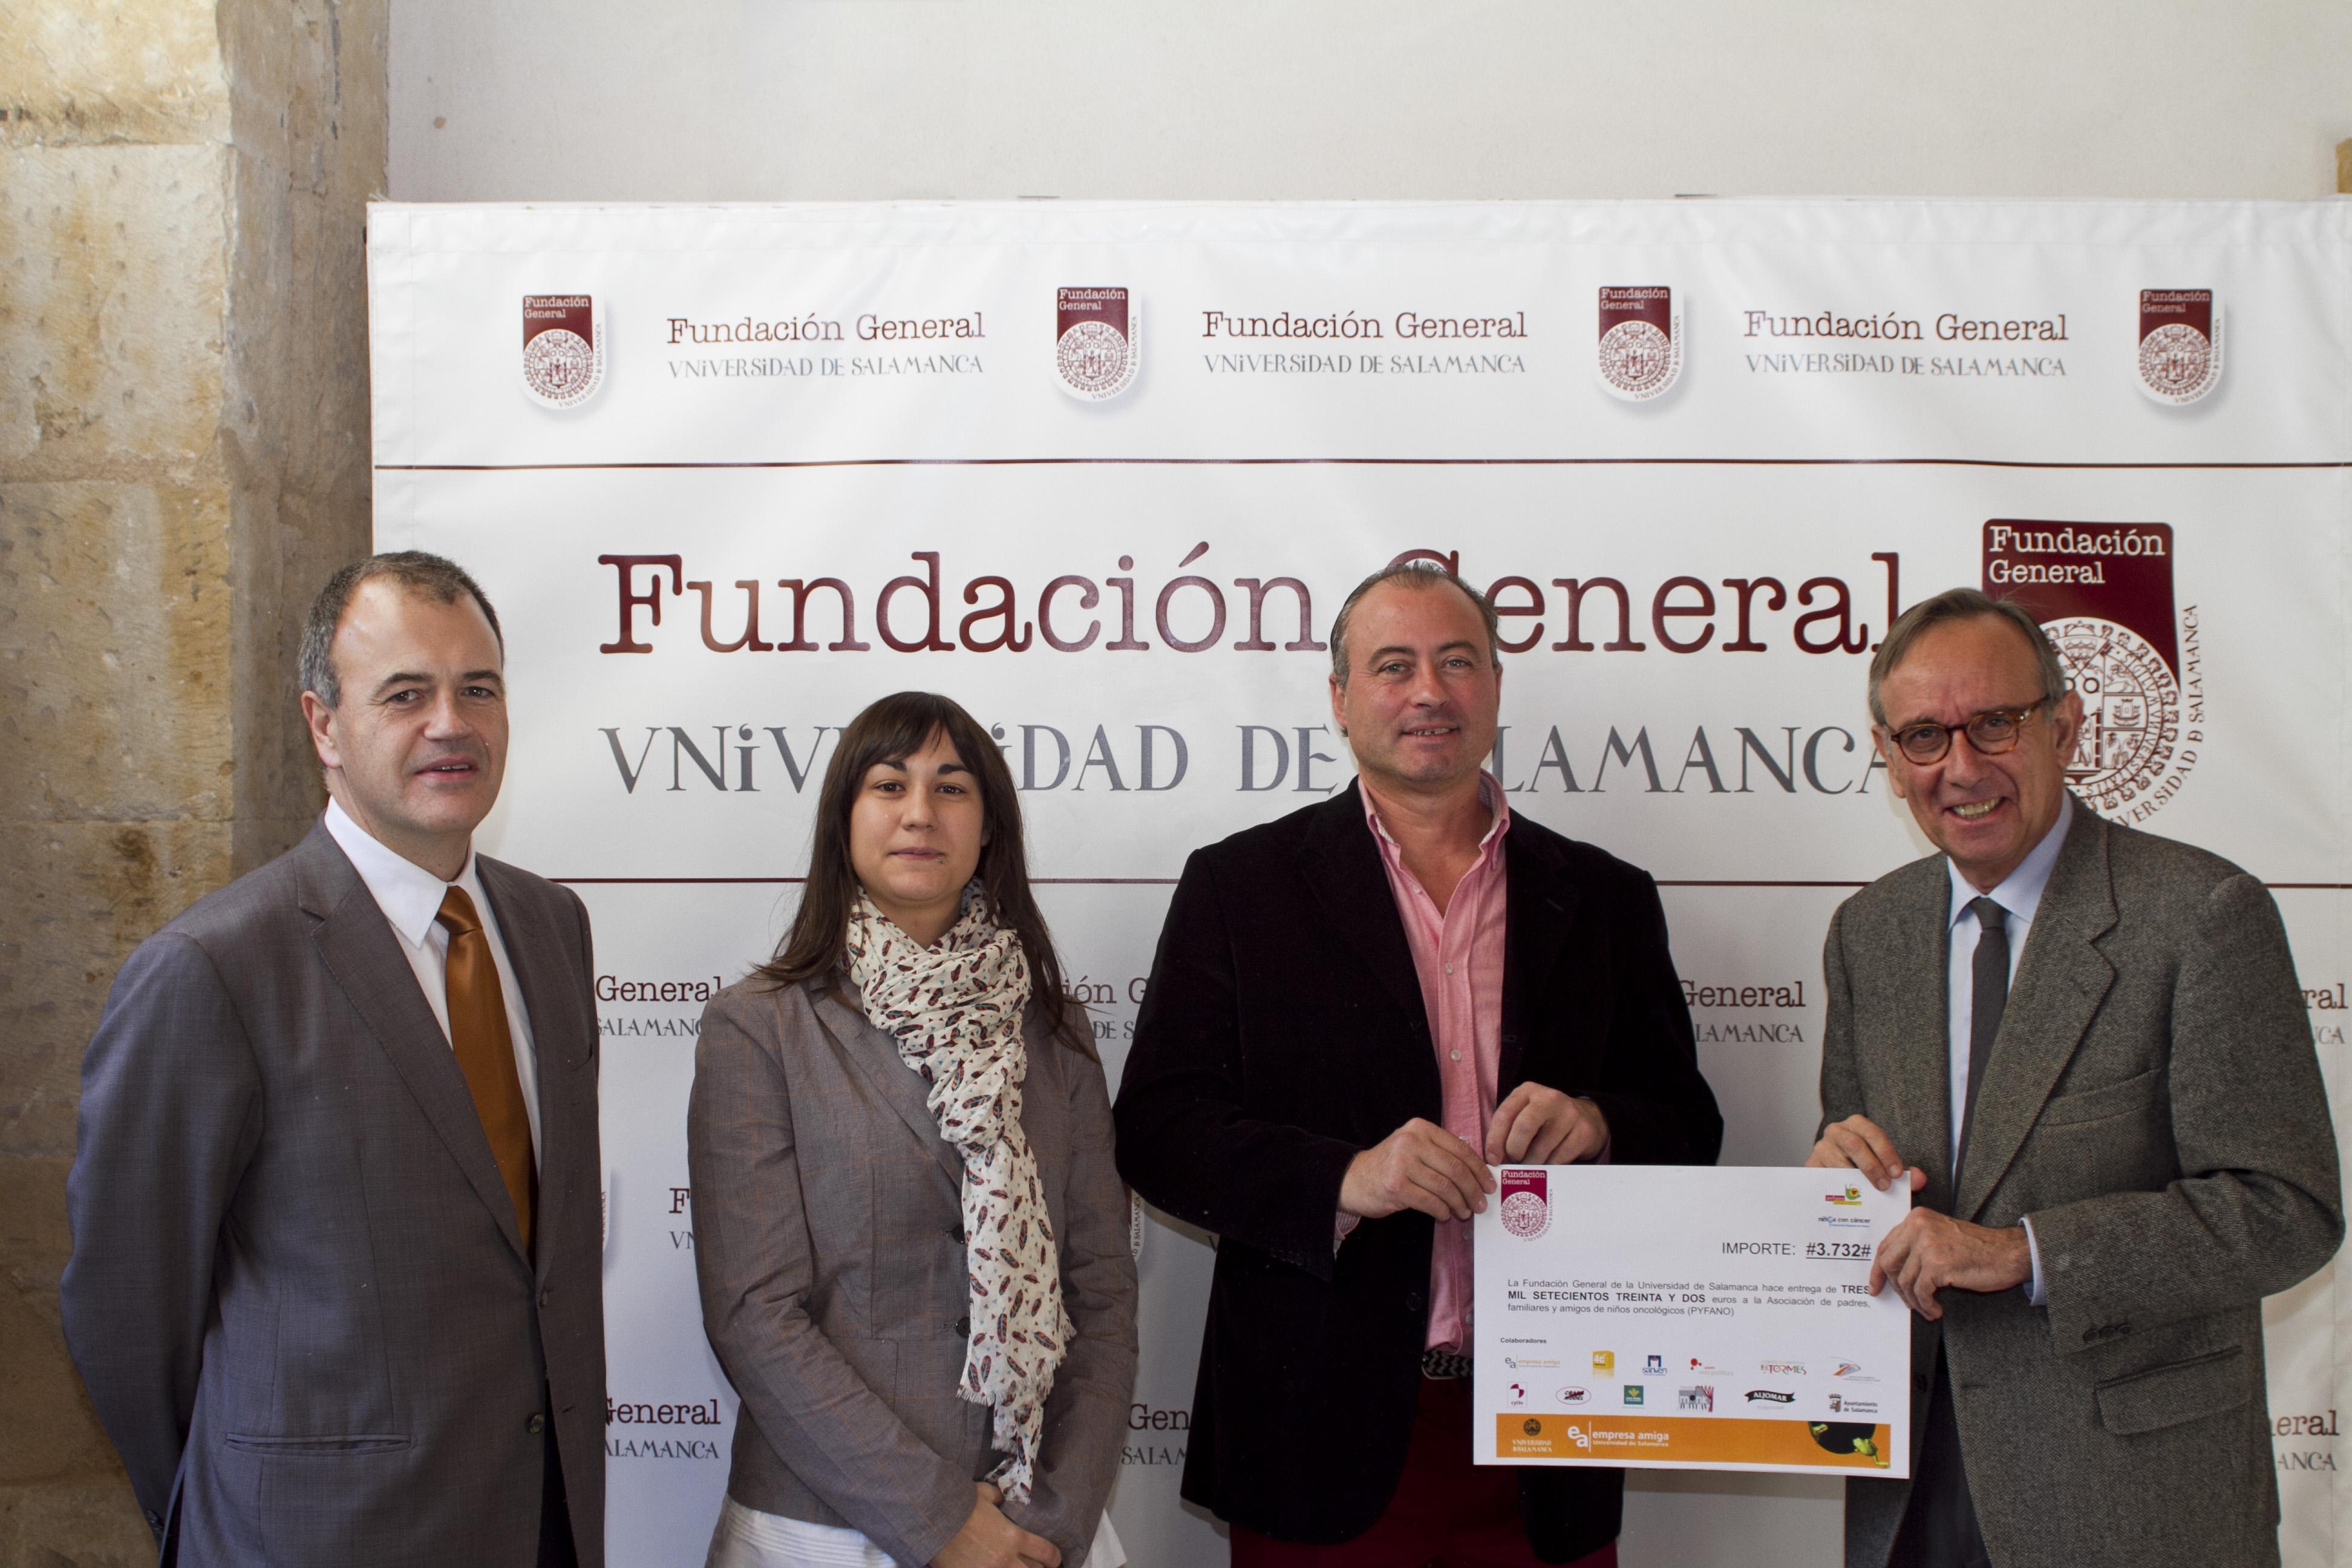 La Fundación General de la Universidad de Salamanca entrega a la Asociación PYFANO un cheque por importe de 3.732 euros